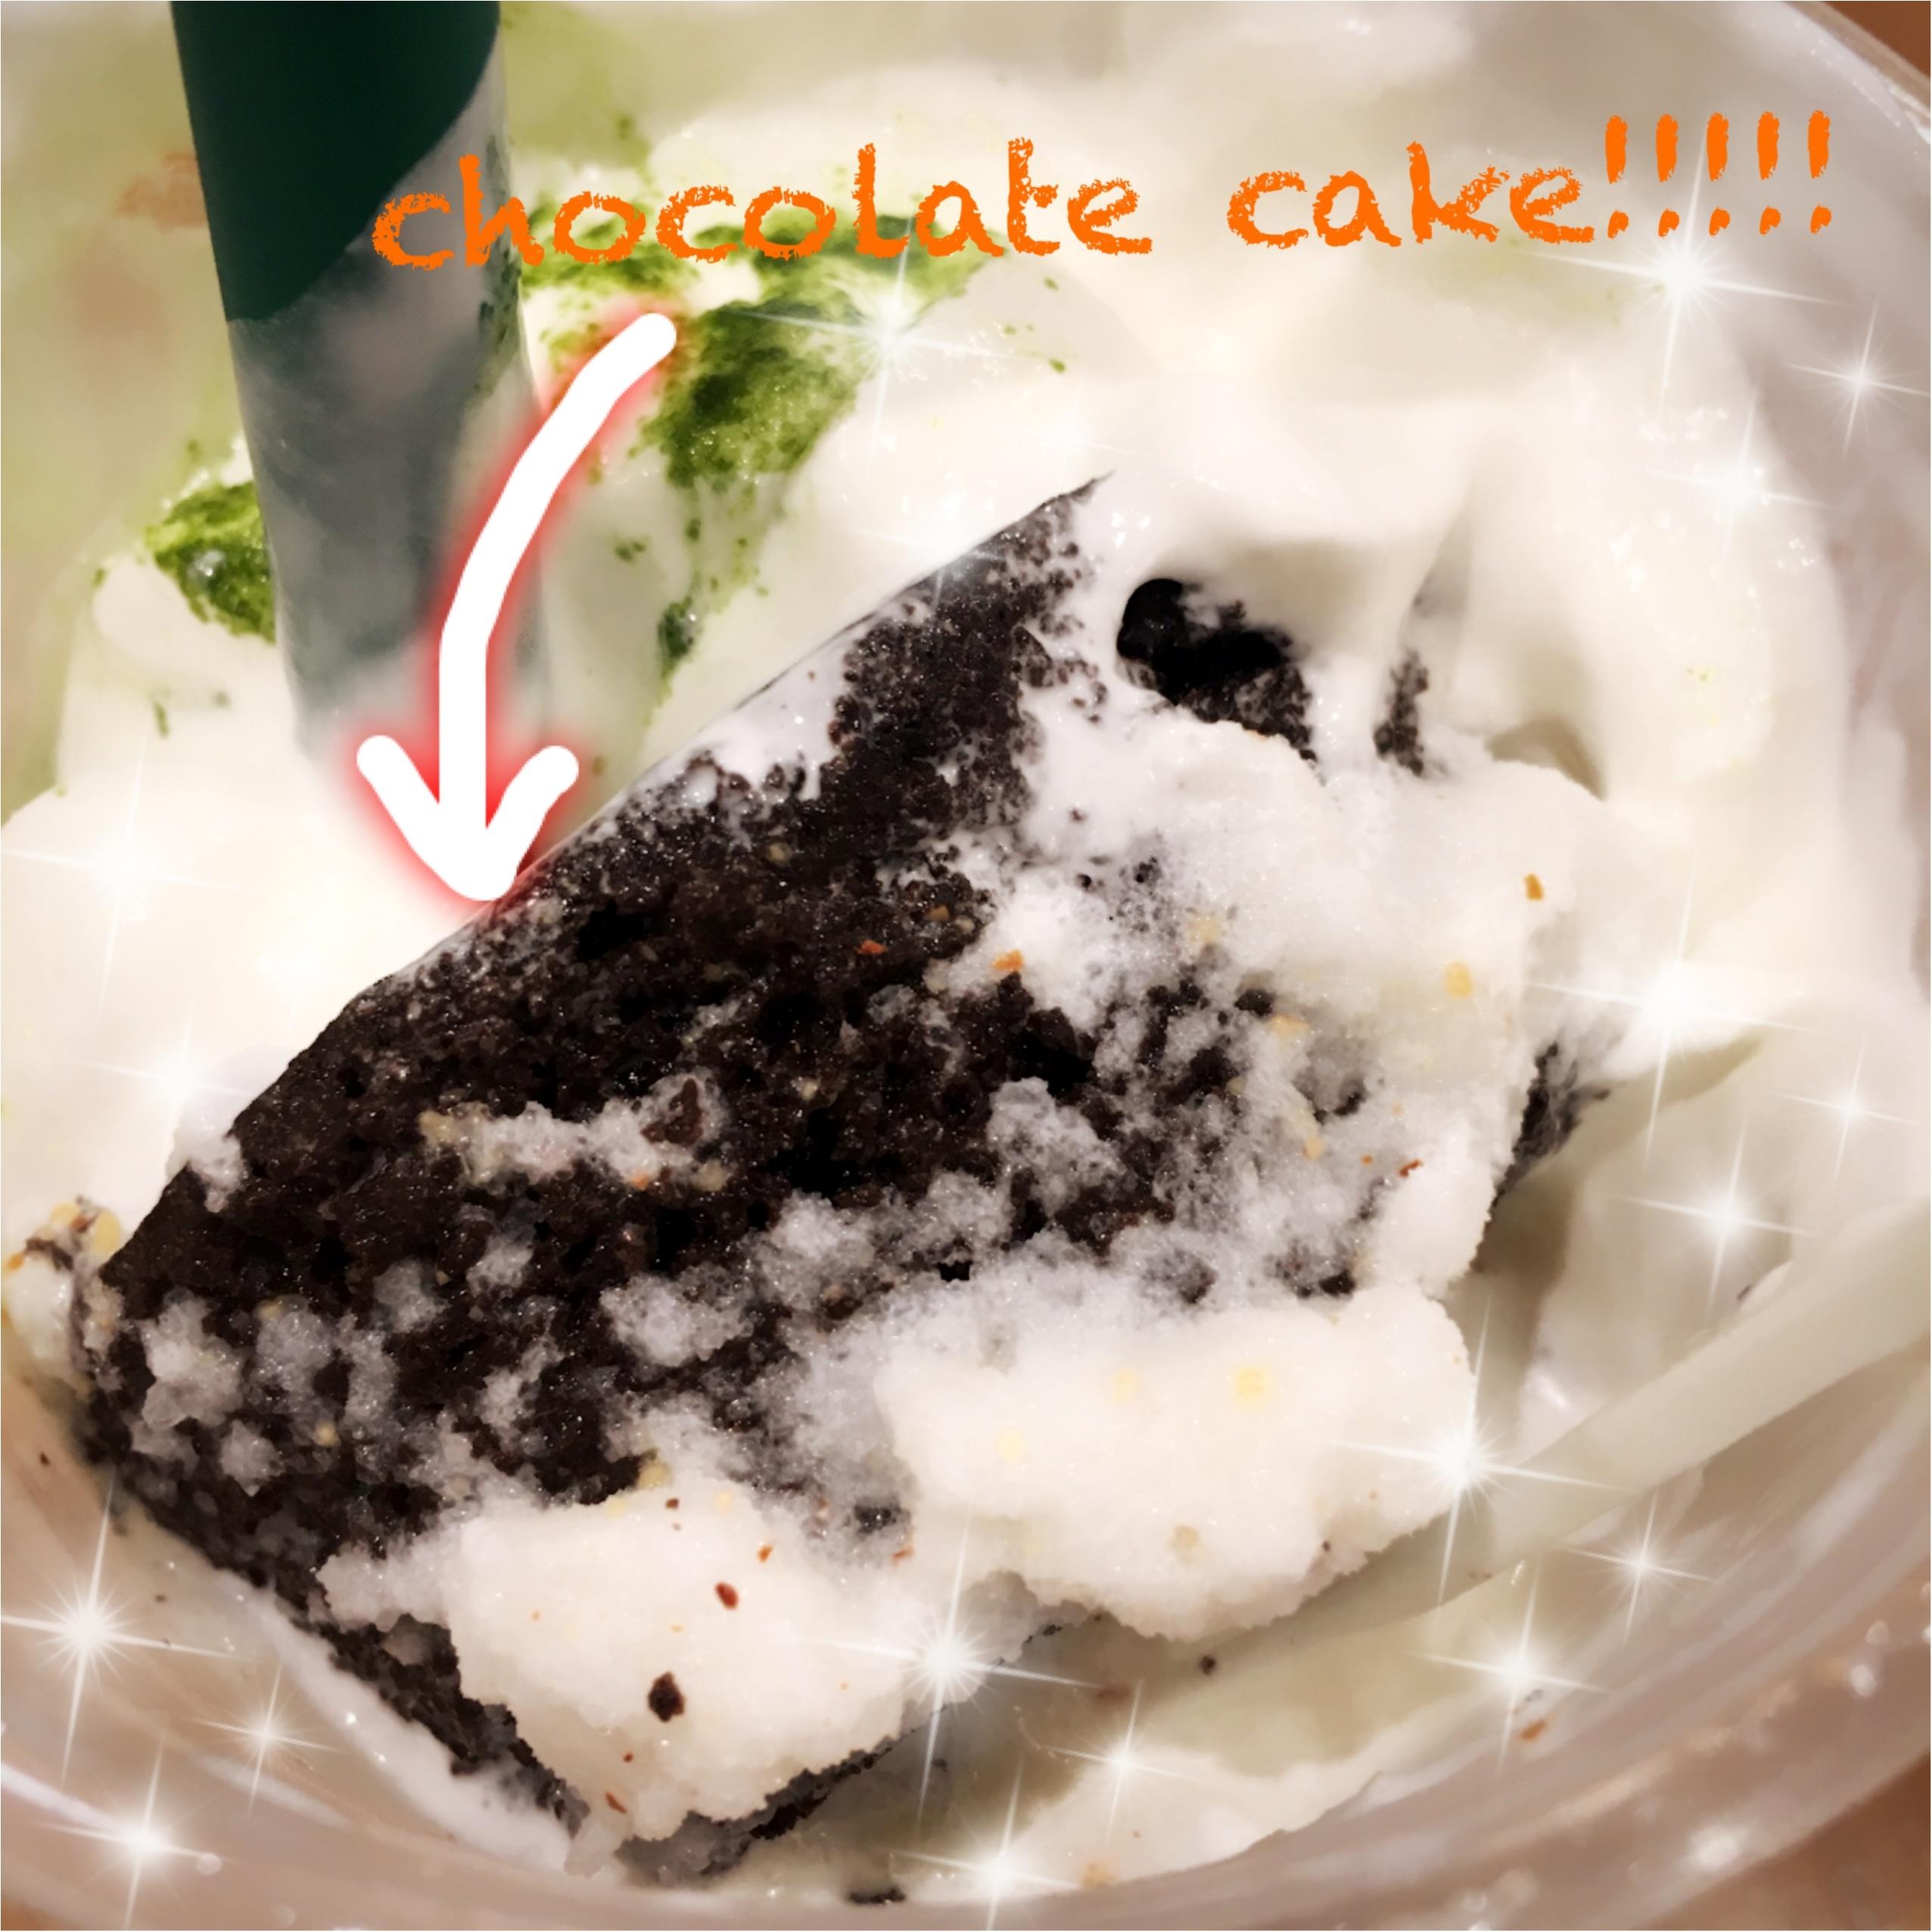 【スタバ新作】チョコレートケーキトップフラペチーノwith抹茶ショットの魅力をご紹介っ!(ර⍵ර)✧_2